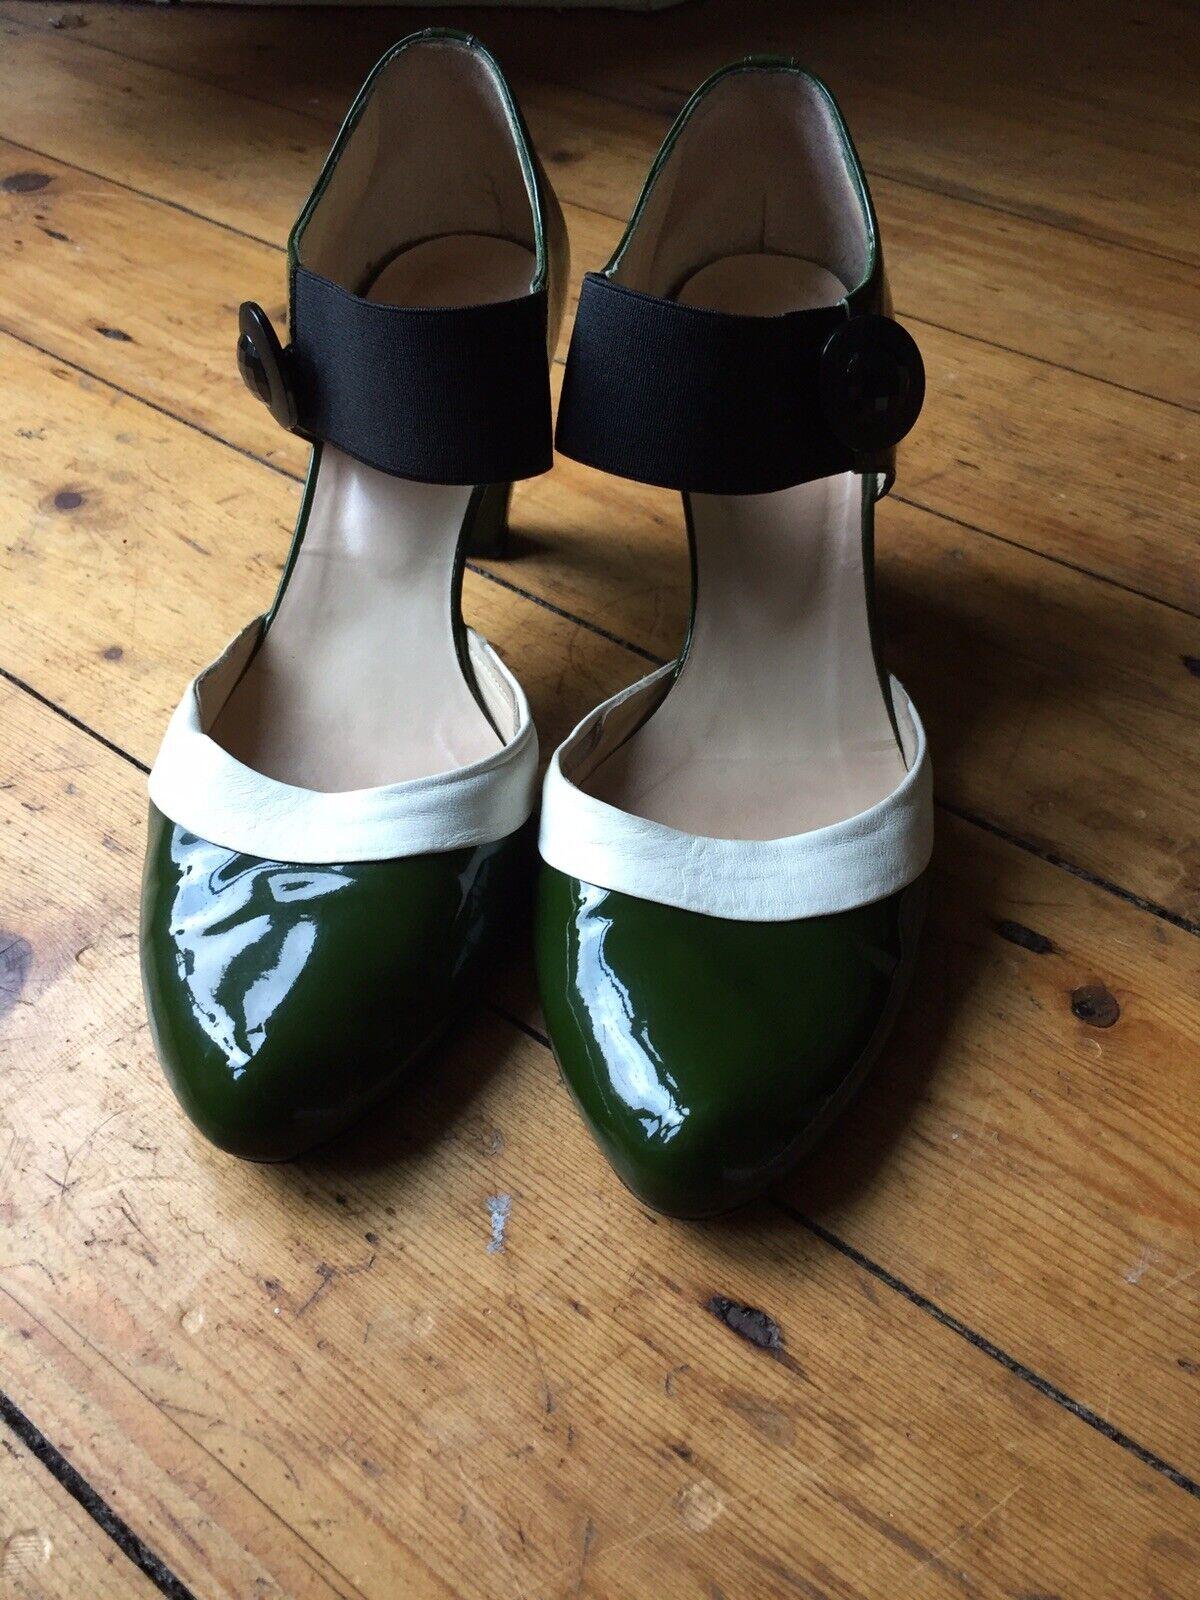 C. Doux Taglia 5 38 verde e Crema di Brevetto Scarpe. condizioni molto buone.